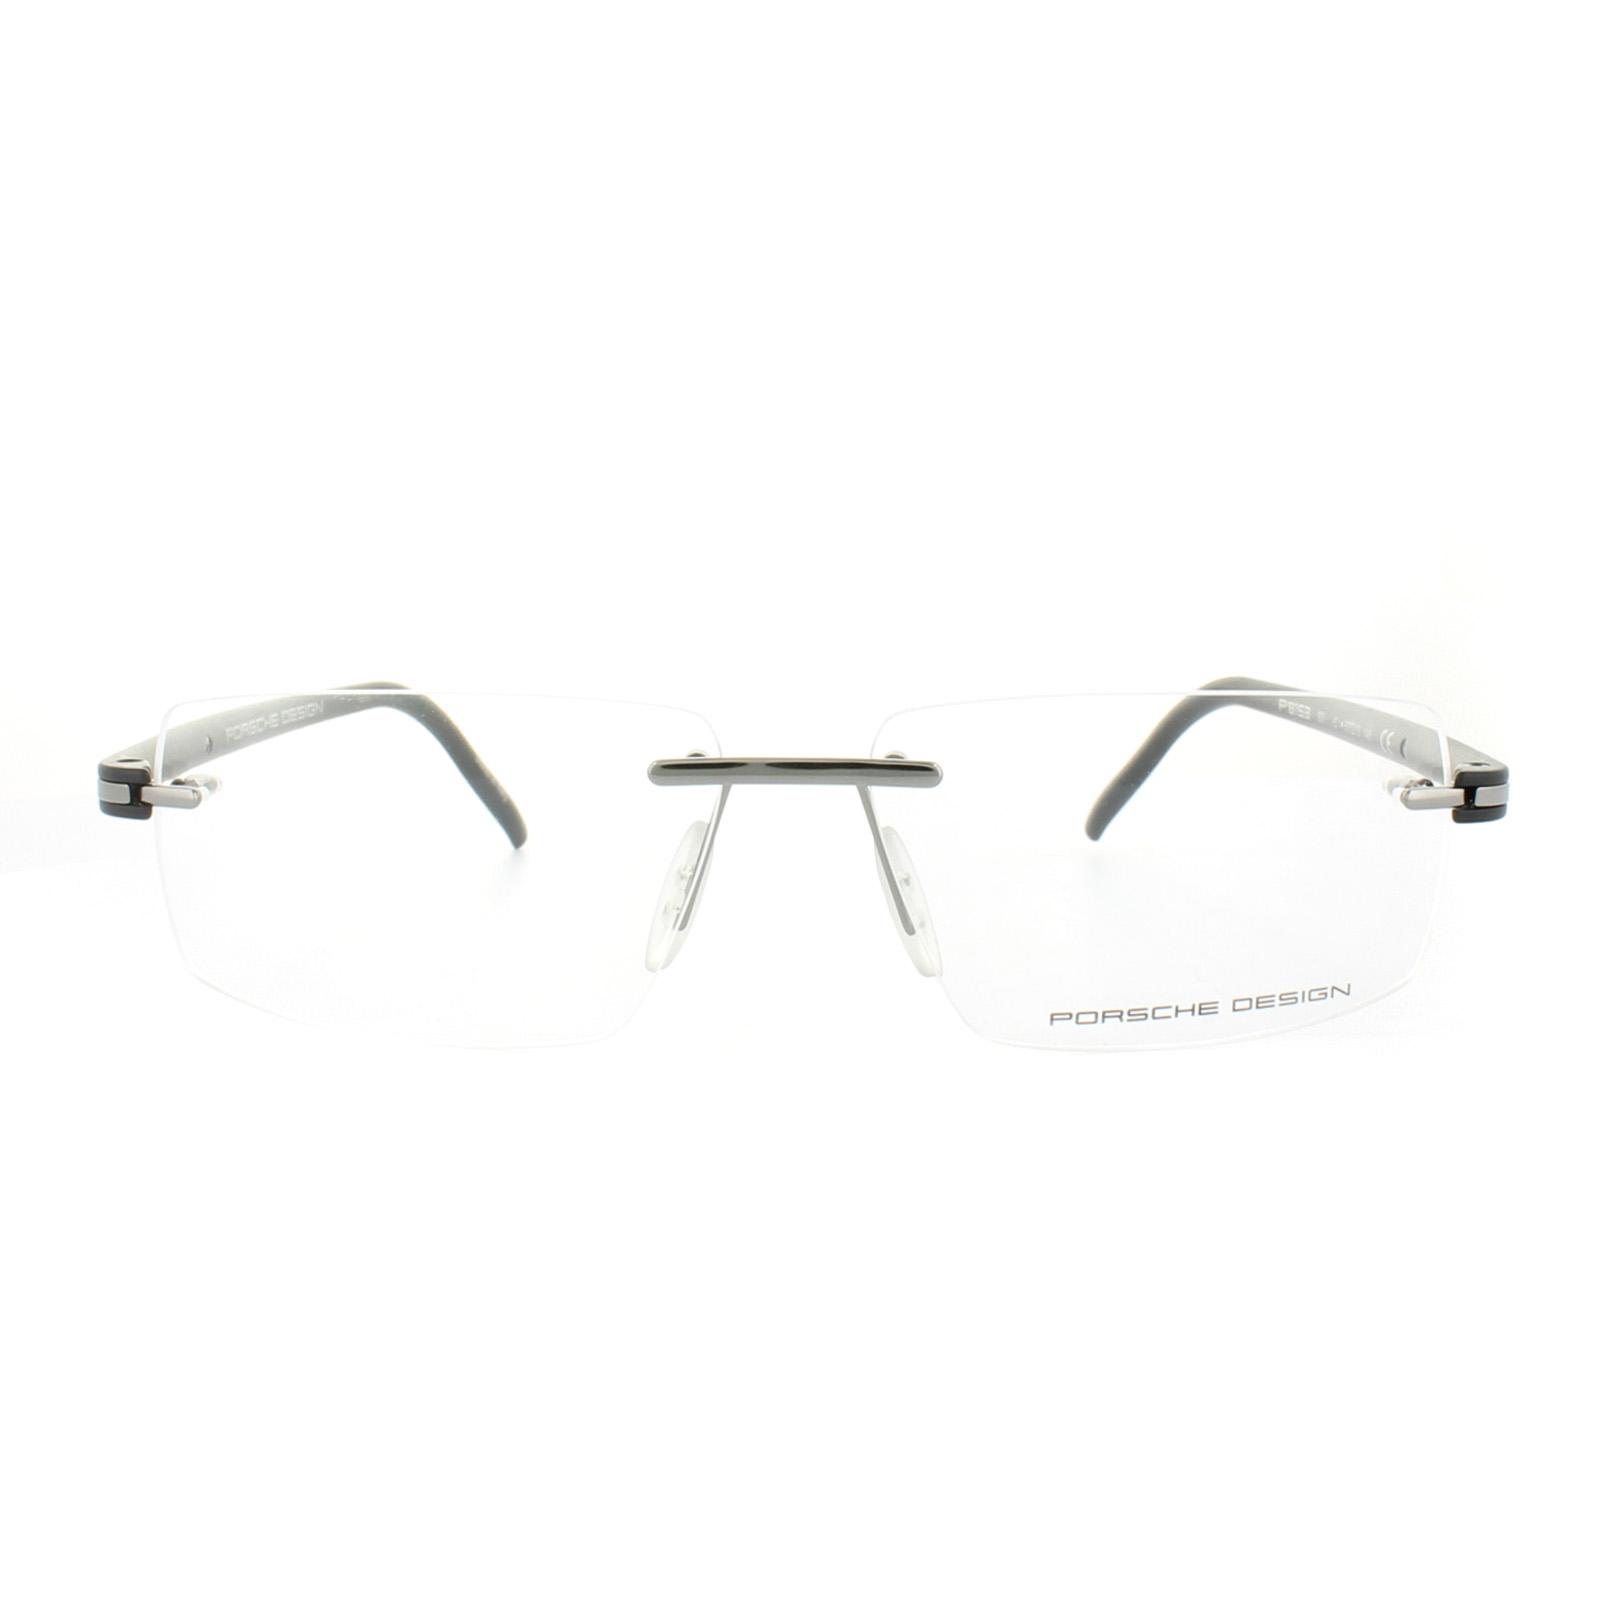 c06e19c0e778 Sentinel Porsche Design Glasses Frames P8153 C Grey Matt Black Clear